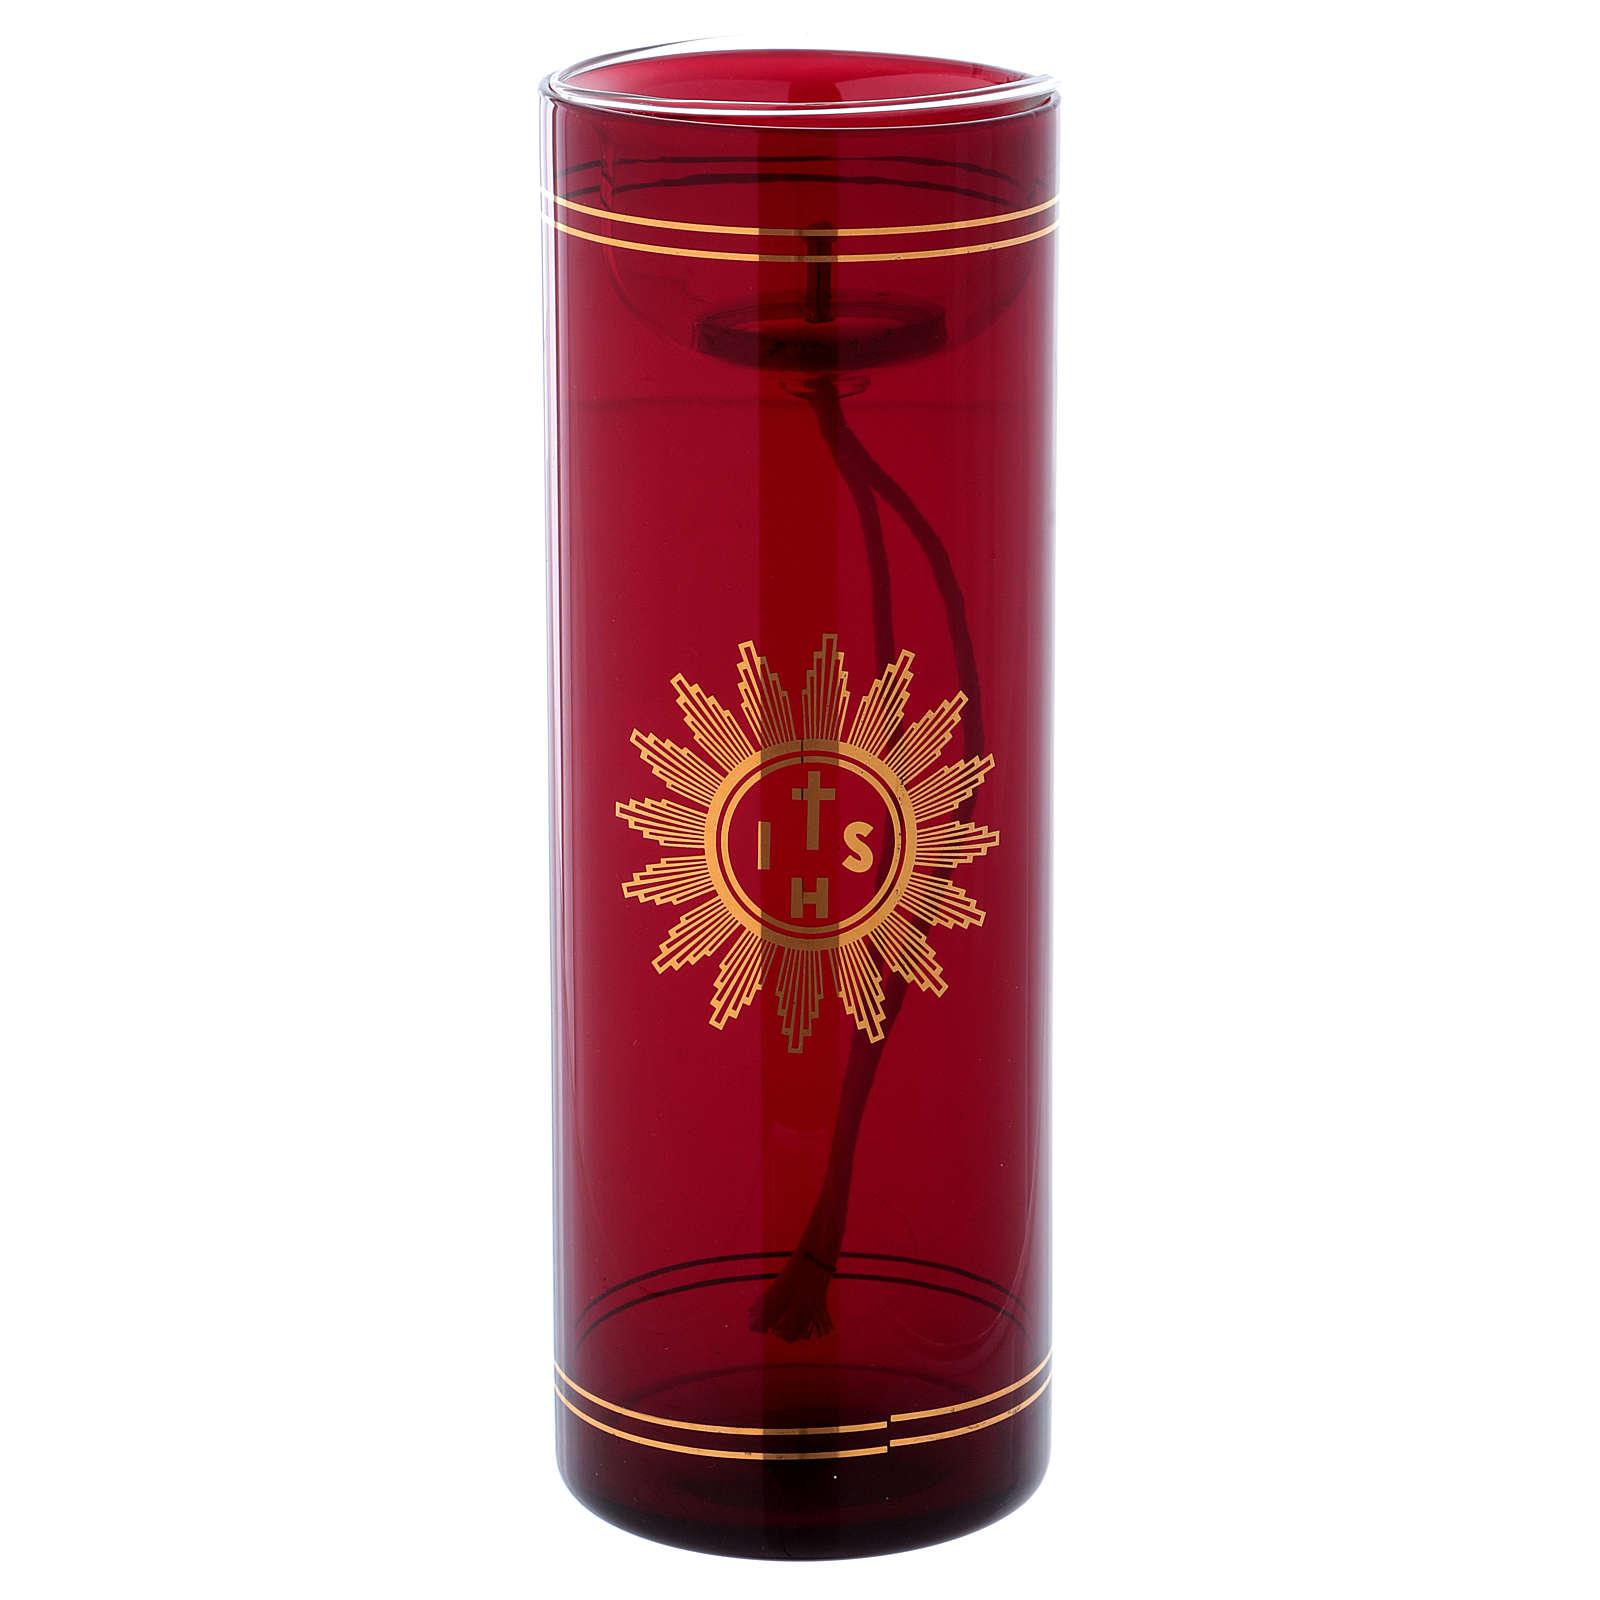 Vetro rosso per Santissimo con simbolo IHS 20 cm 3